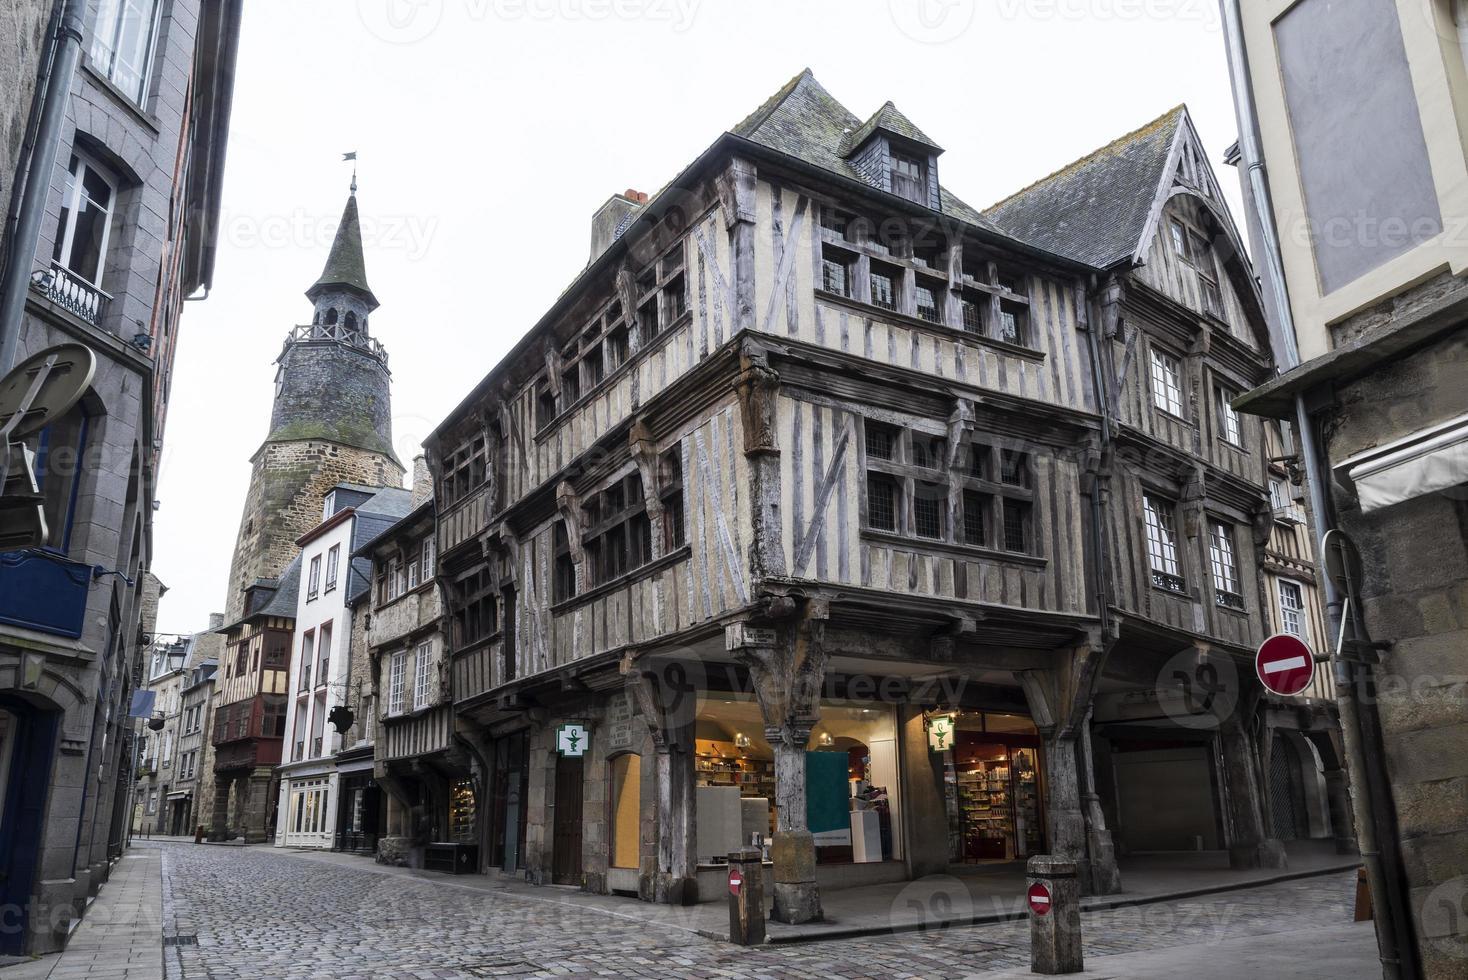 construções medievais na bretanha, frança foto